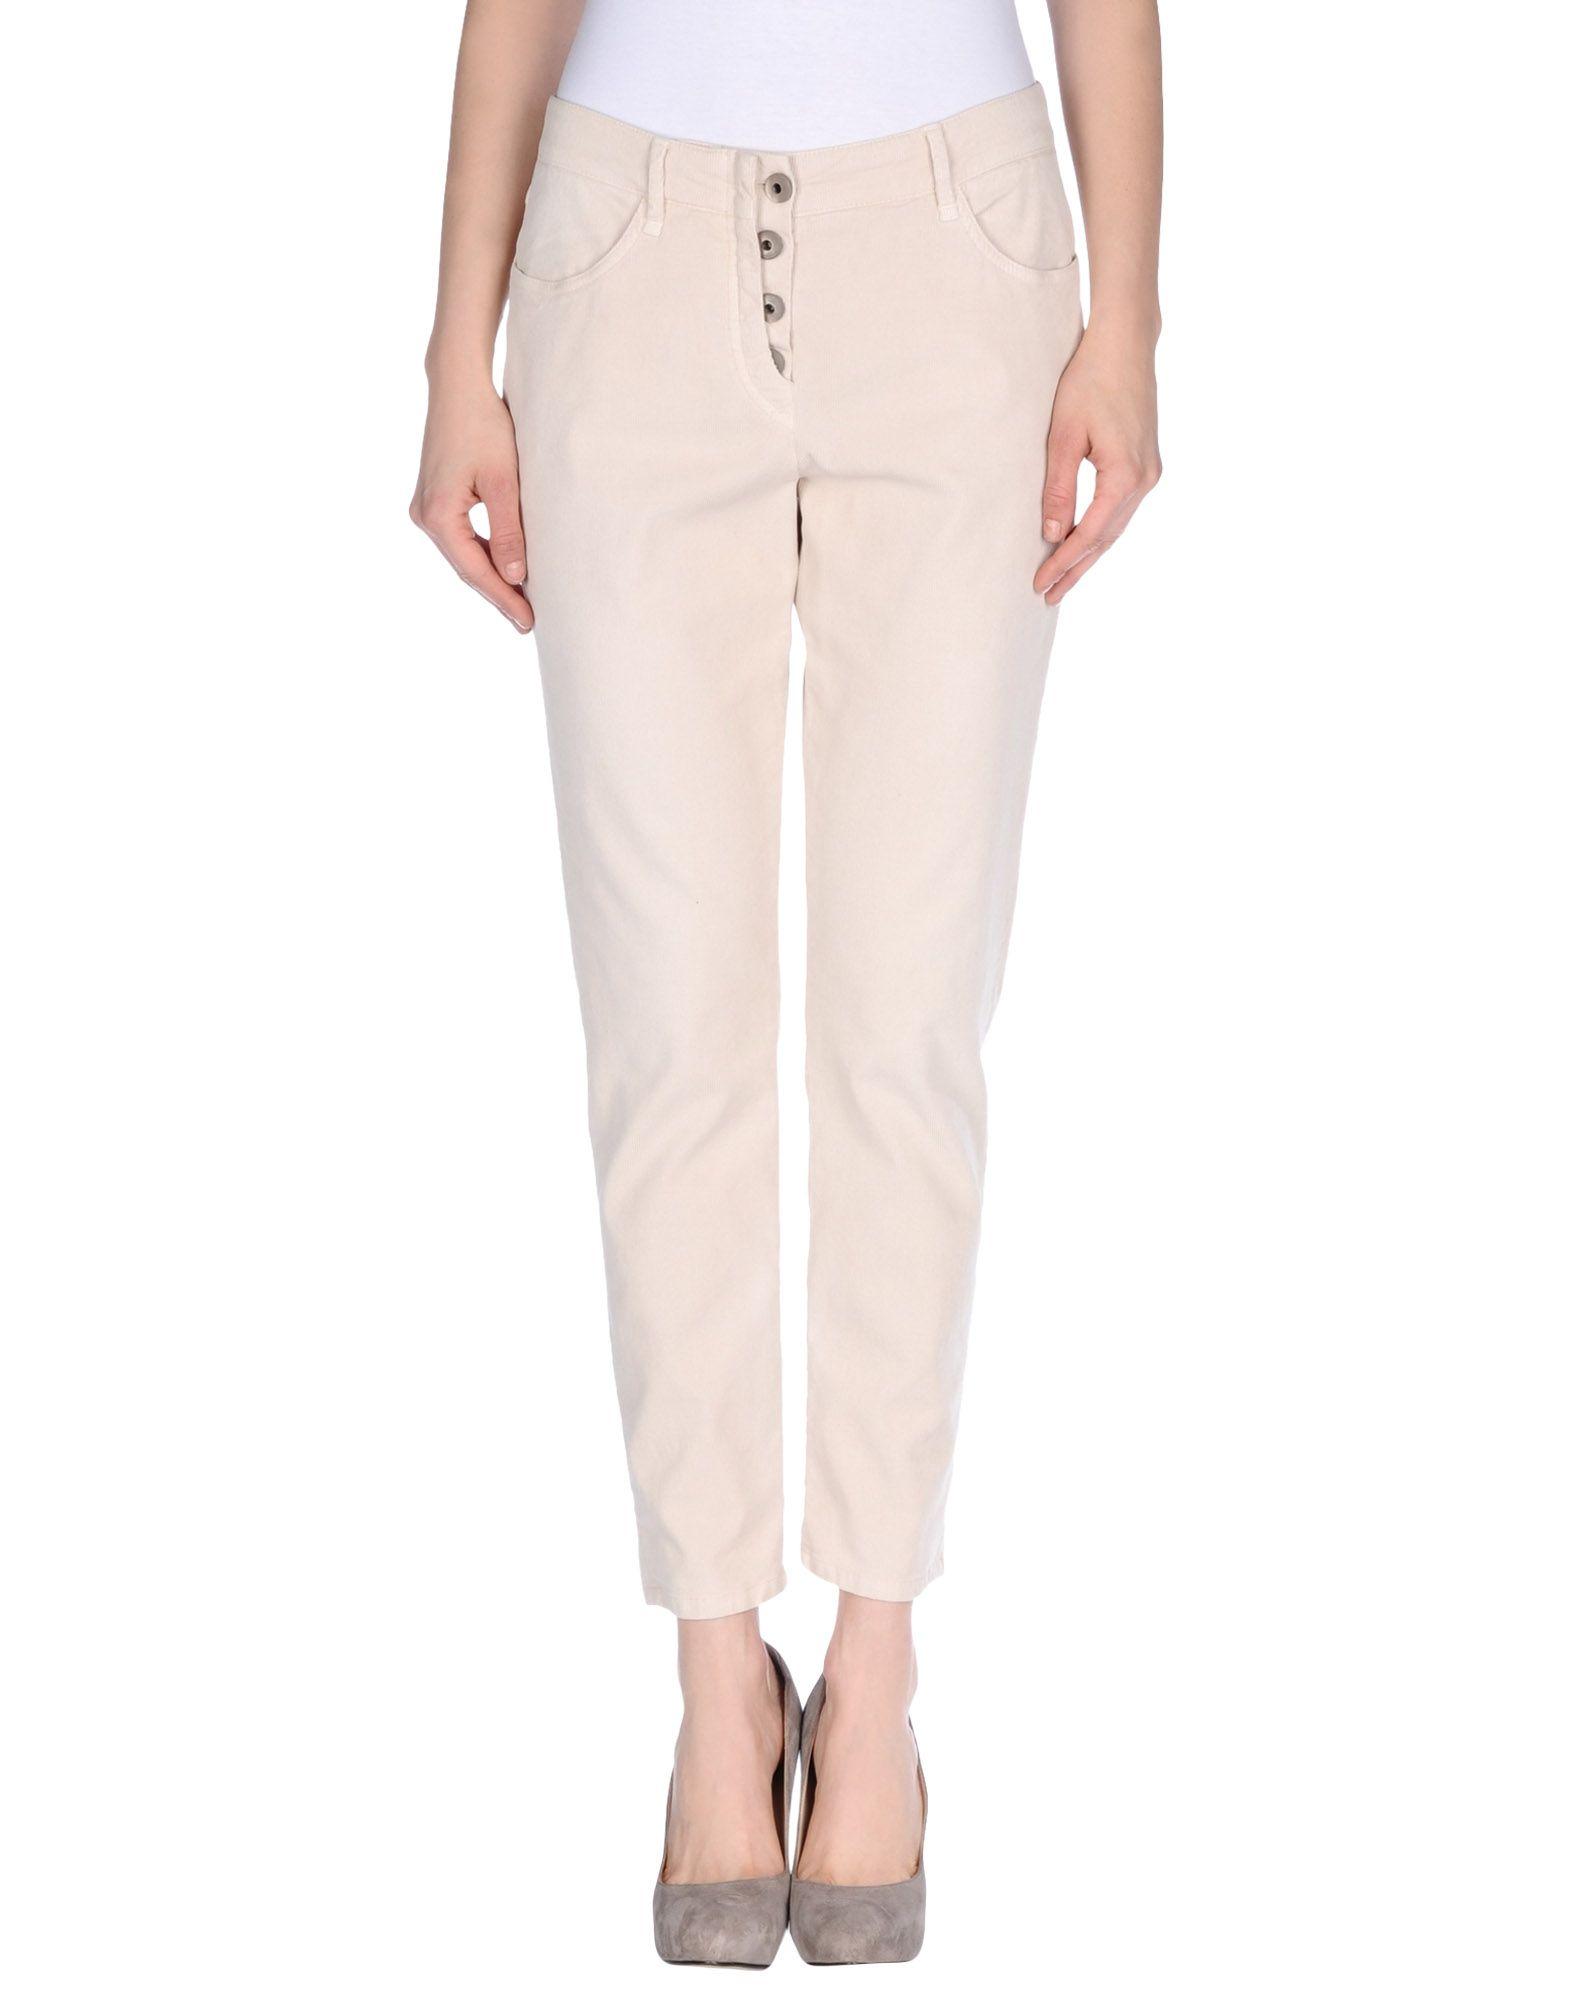 Pantalone Brunello Cucinelli Donna - Acquista online su wXnmNF1Ax8